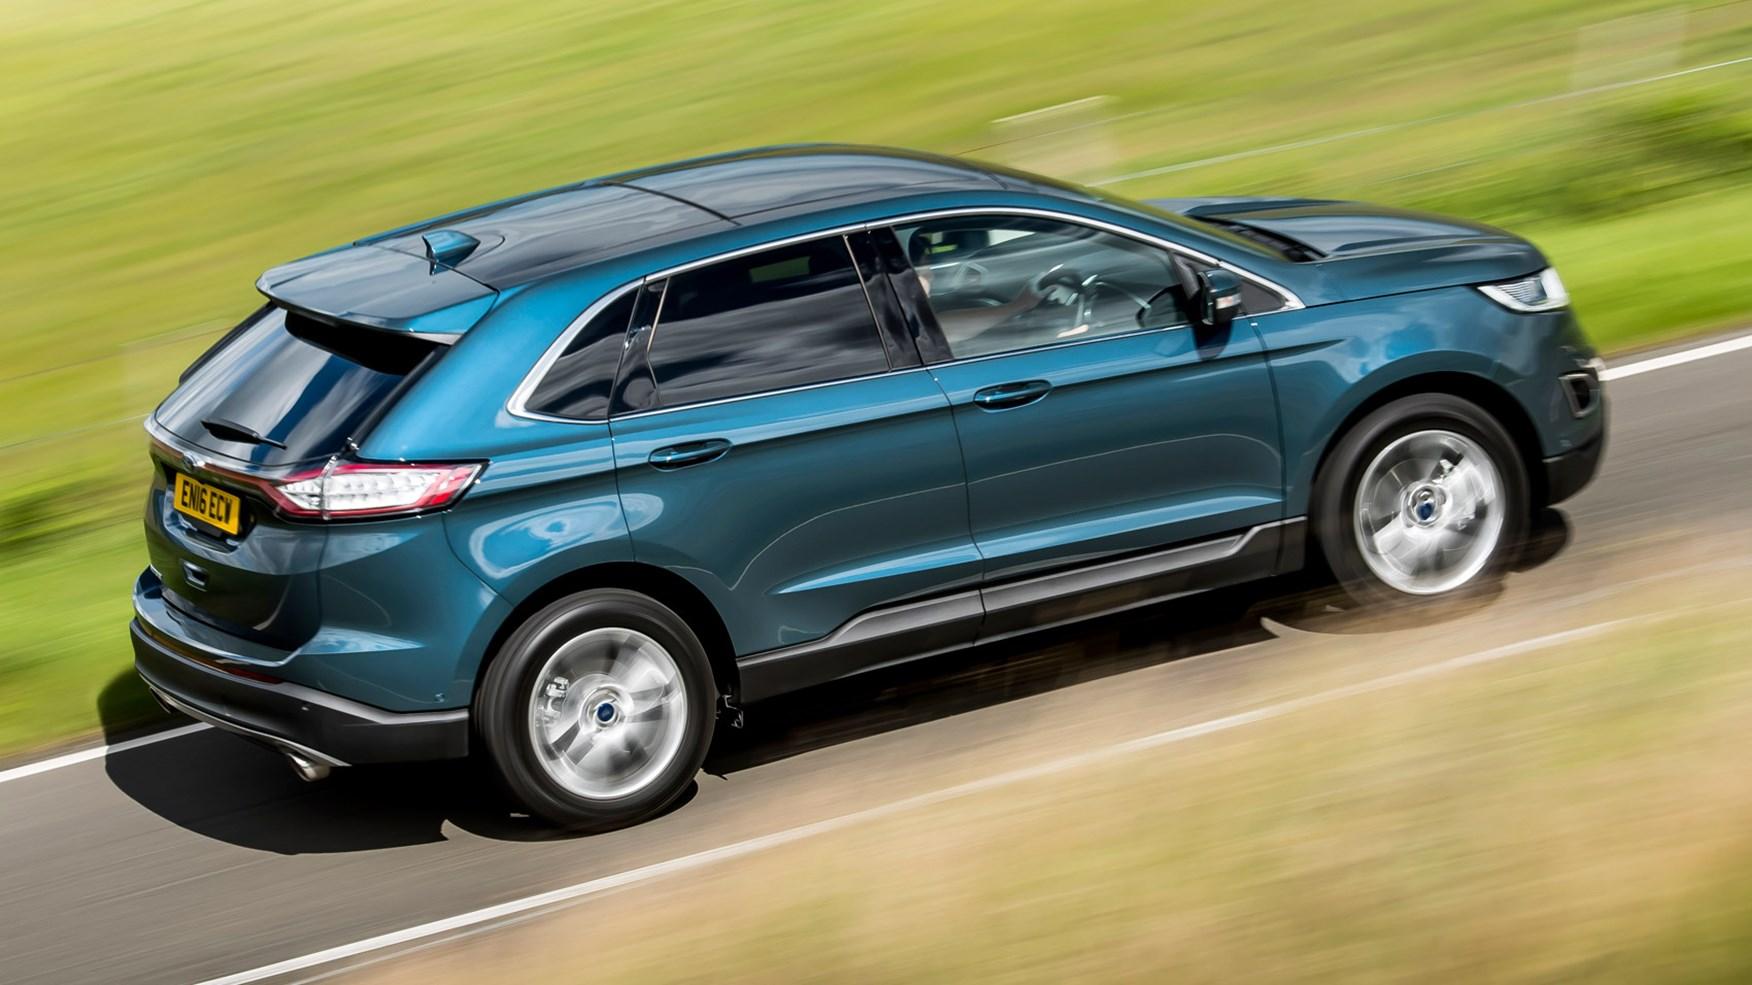 Ford Edge 2017 Blue